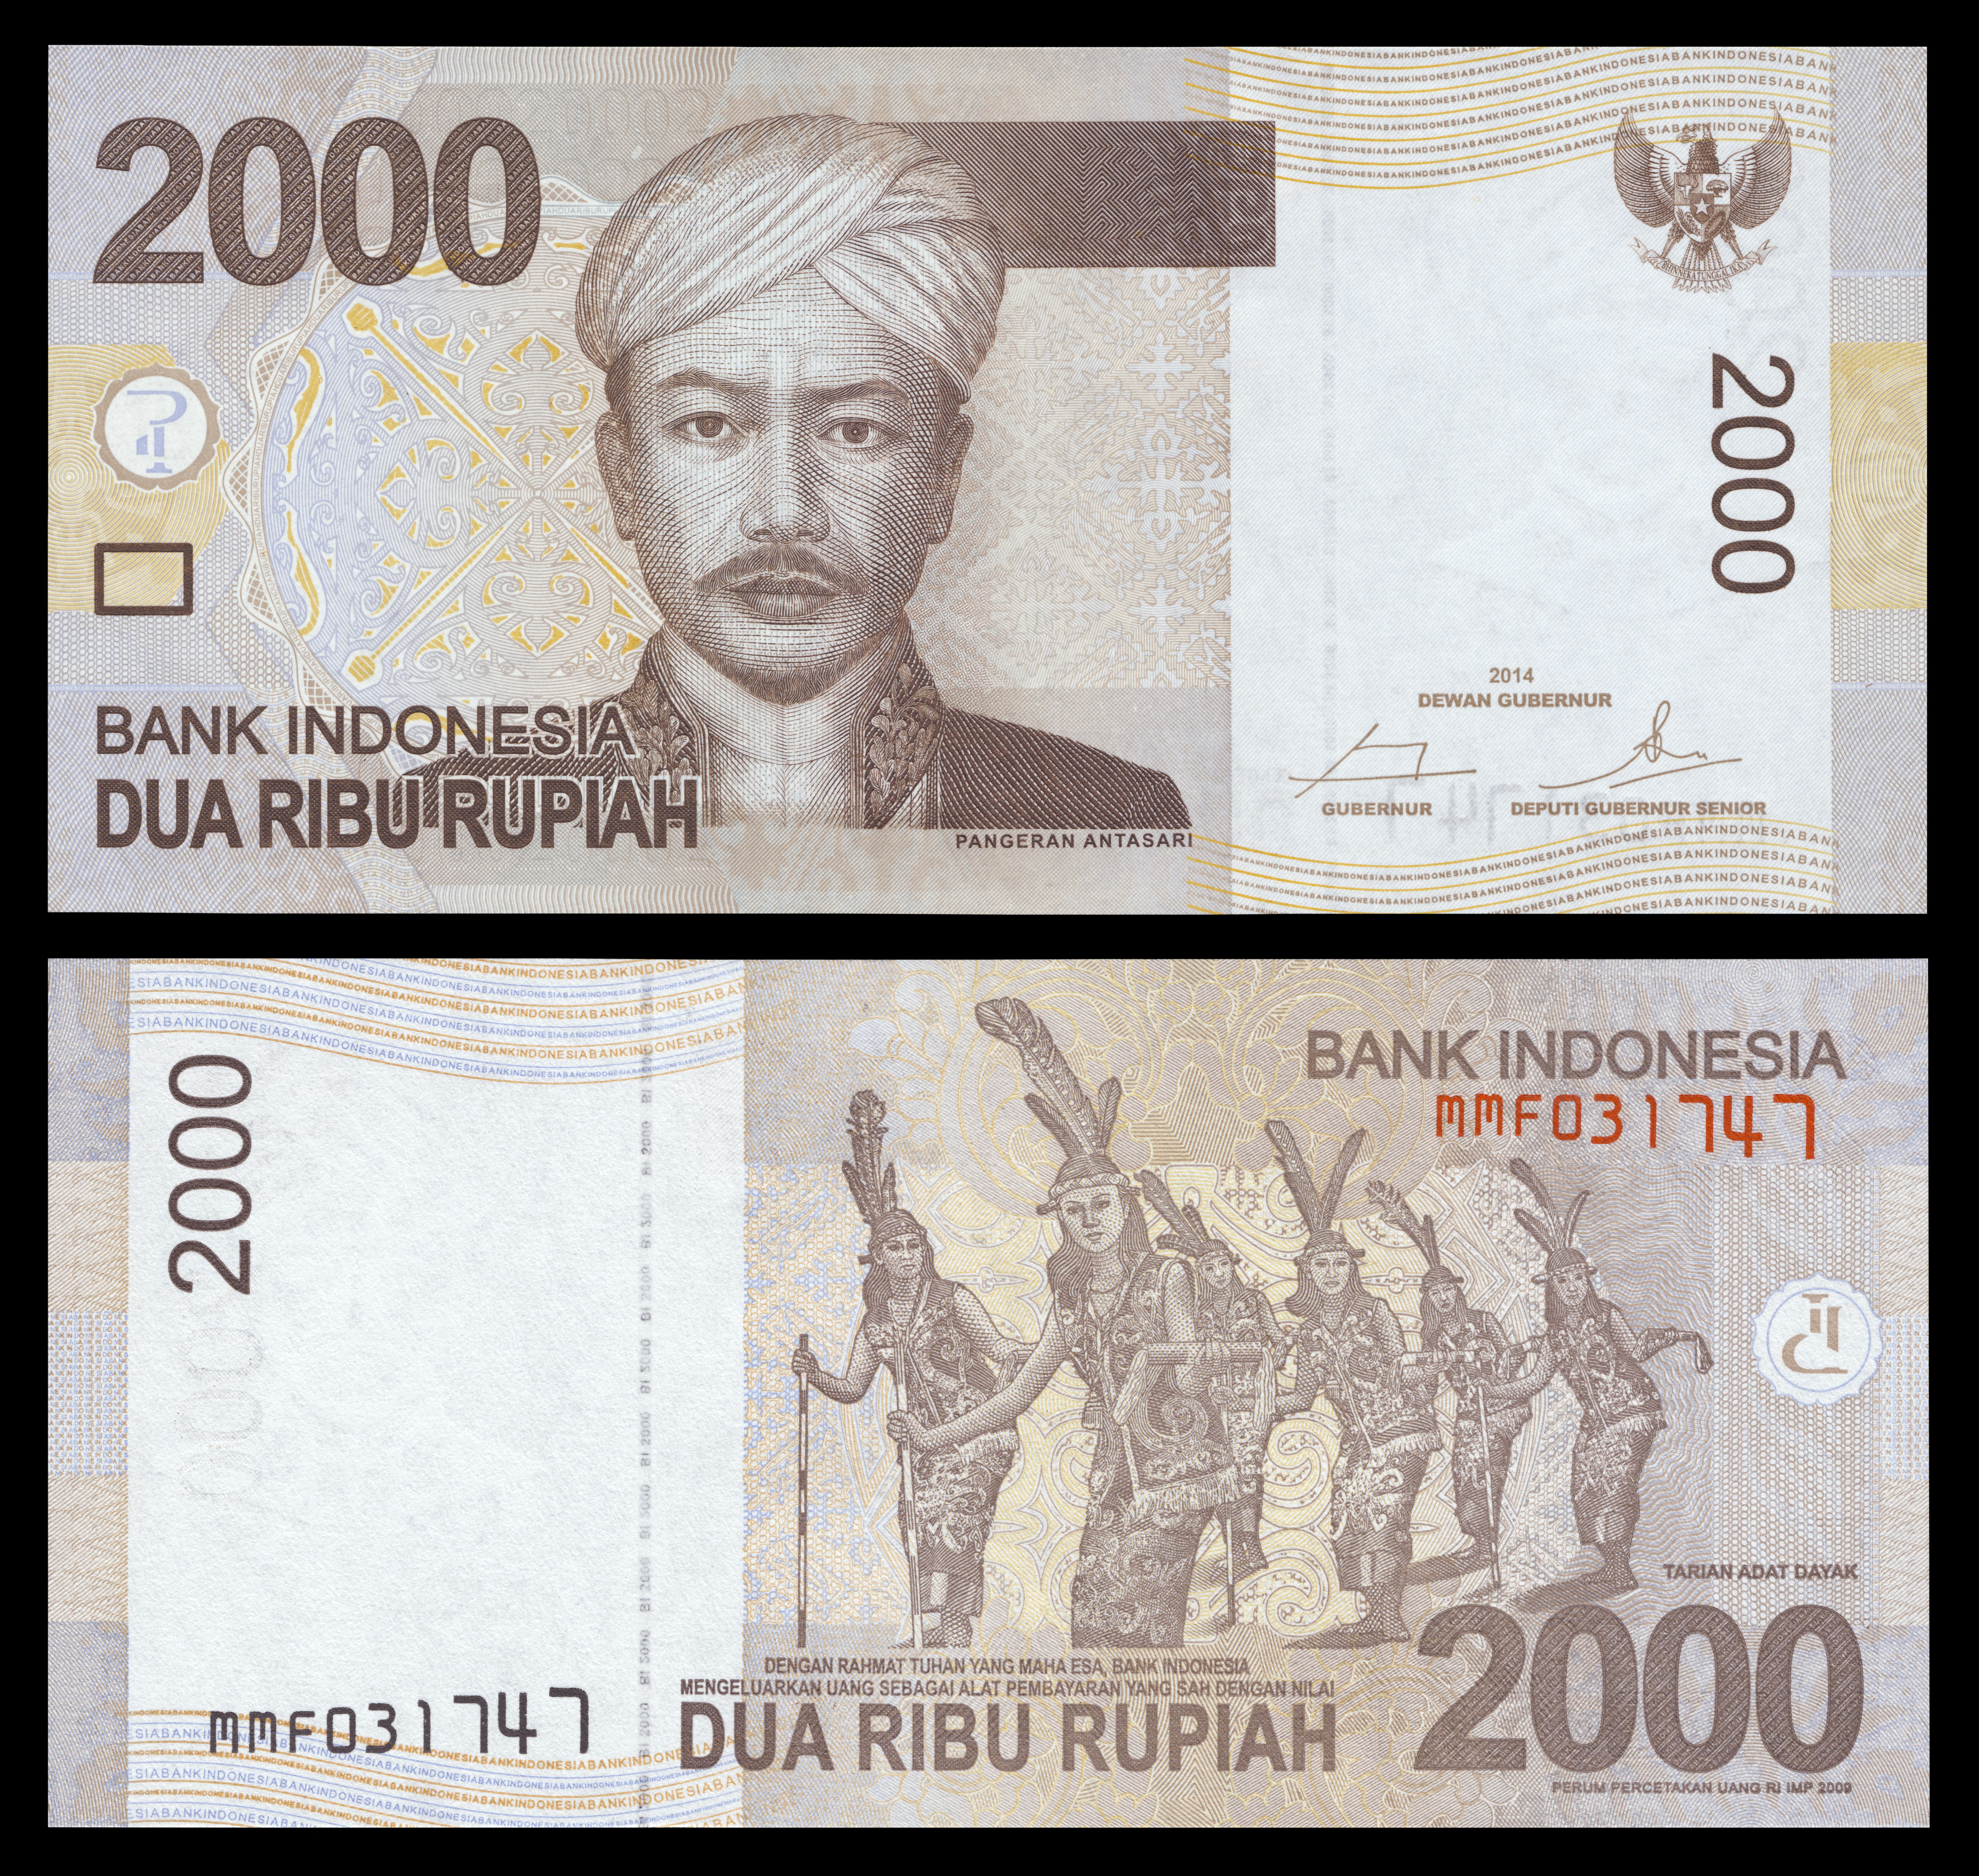 File 2000 Rupiah Bill 2009 Series